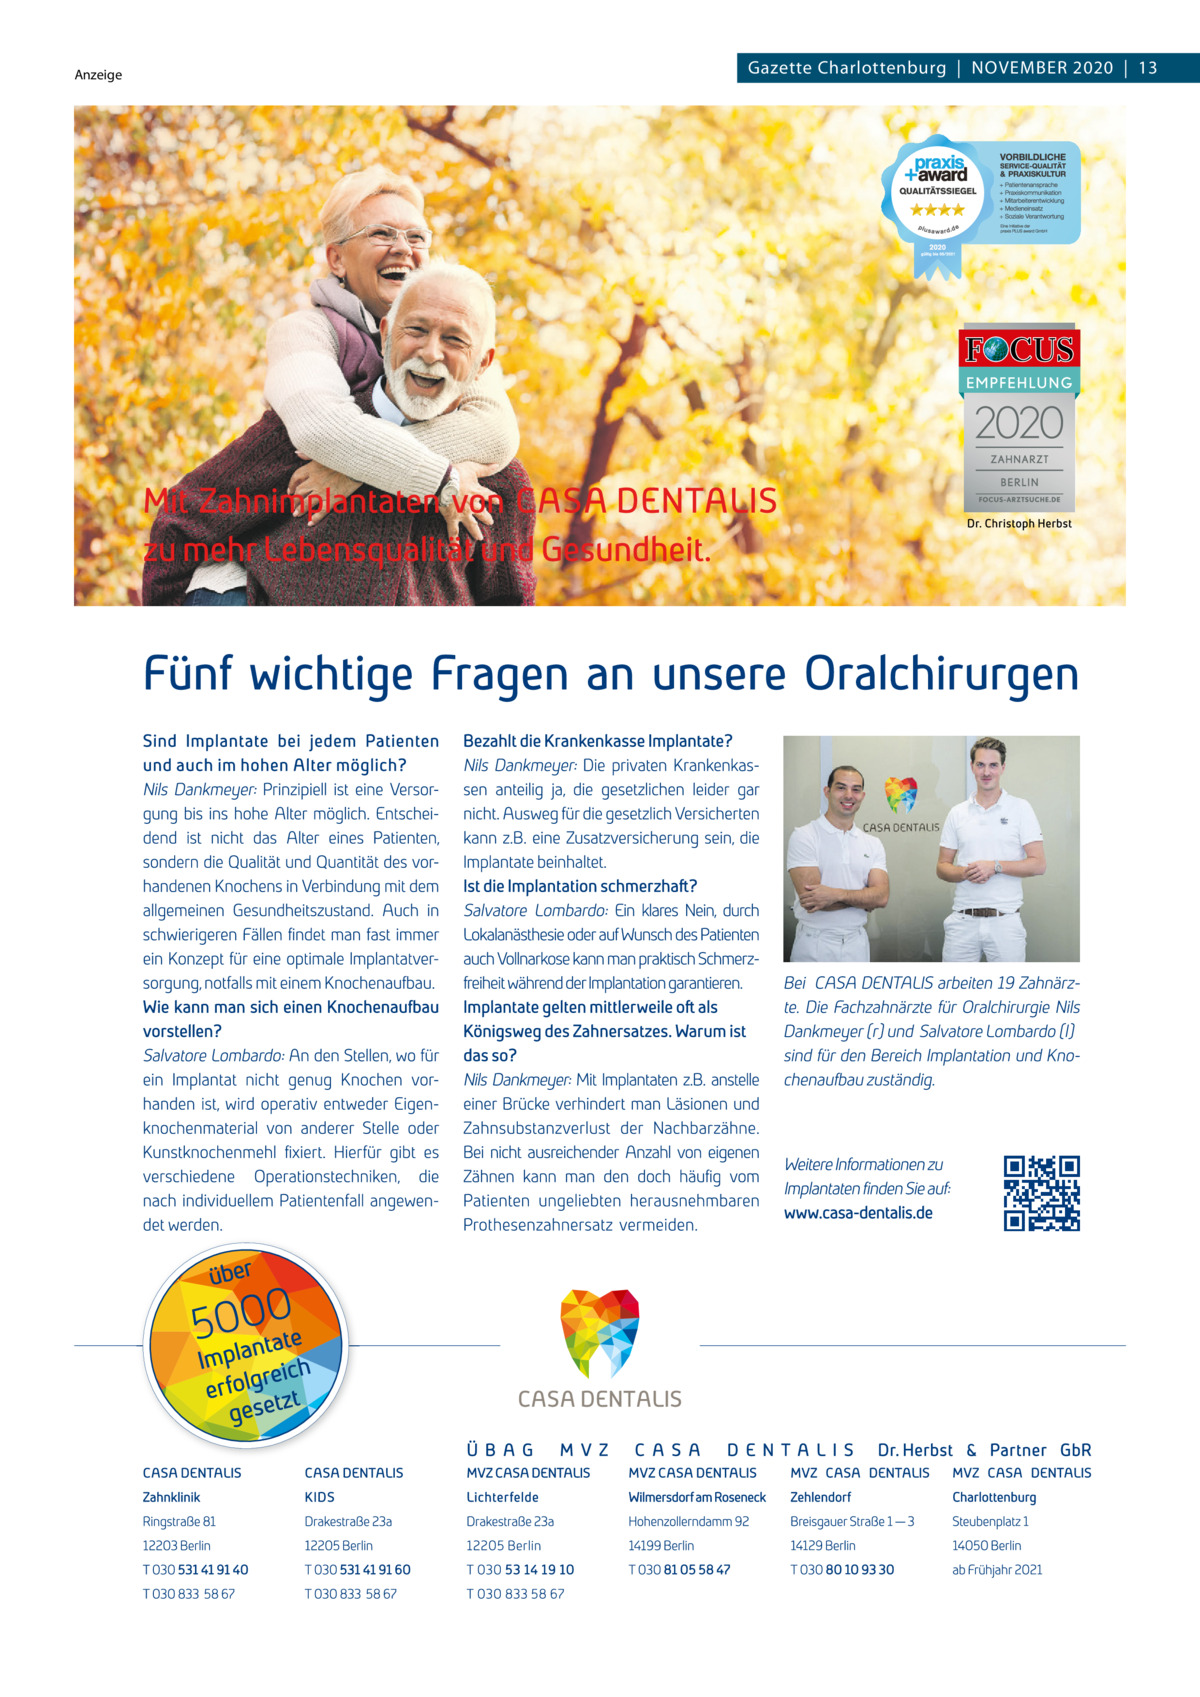 Anzeige  Gazette Charlottenburg|November 2020|13